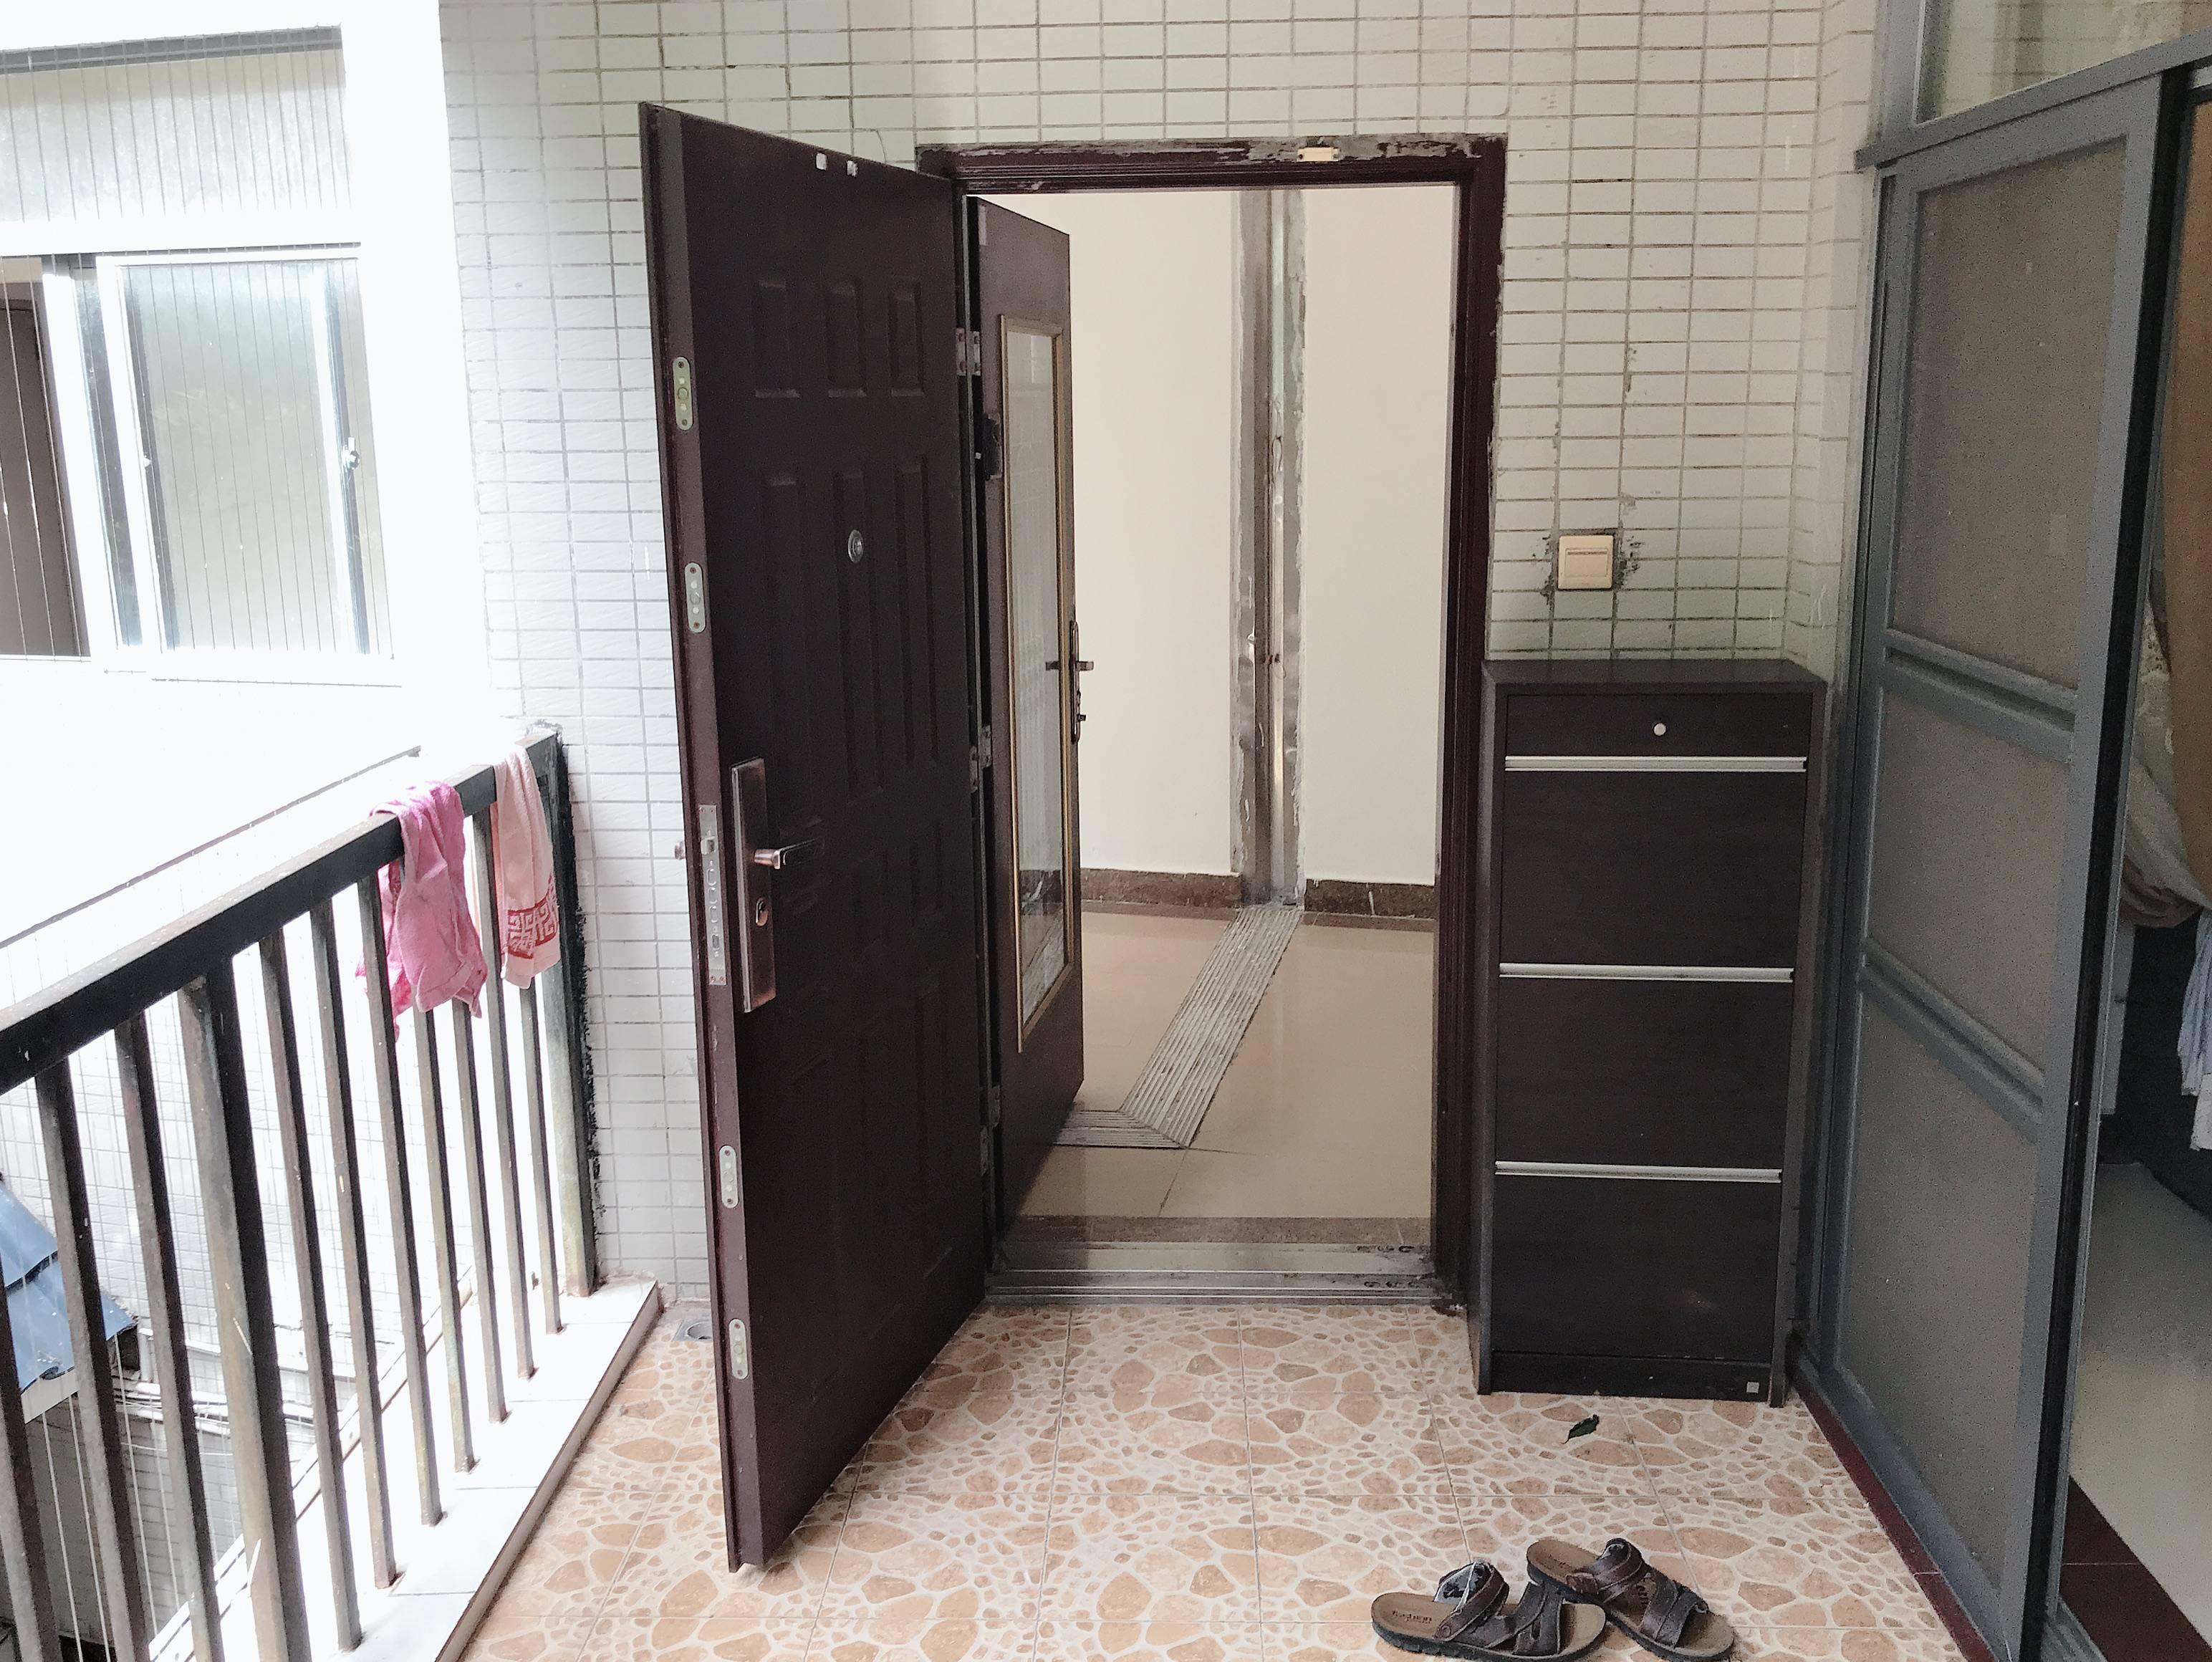 金宝兴业家园 电梯三房两厅 双阳台南北通外带露台 租金2300元